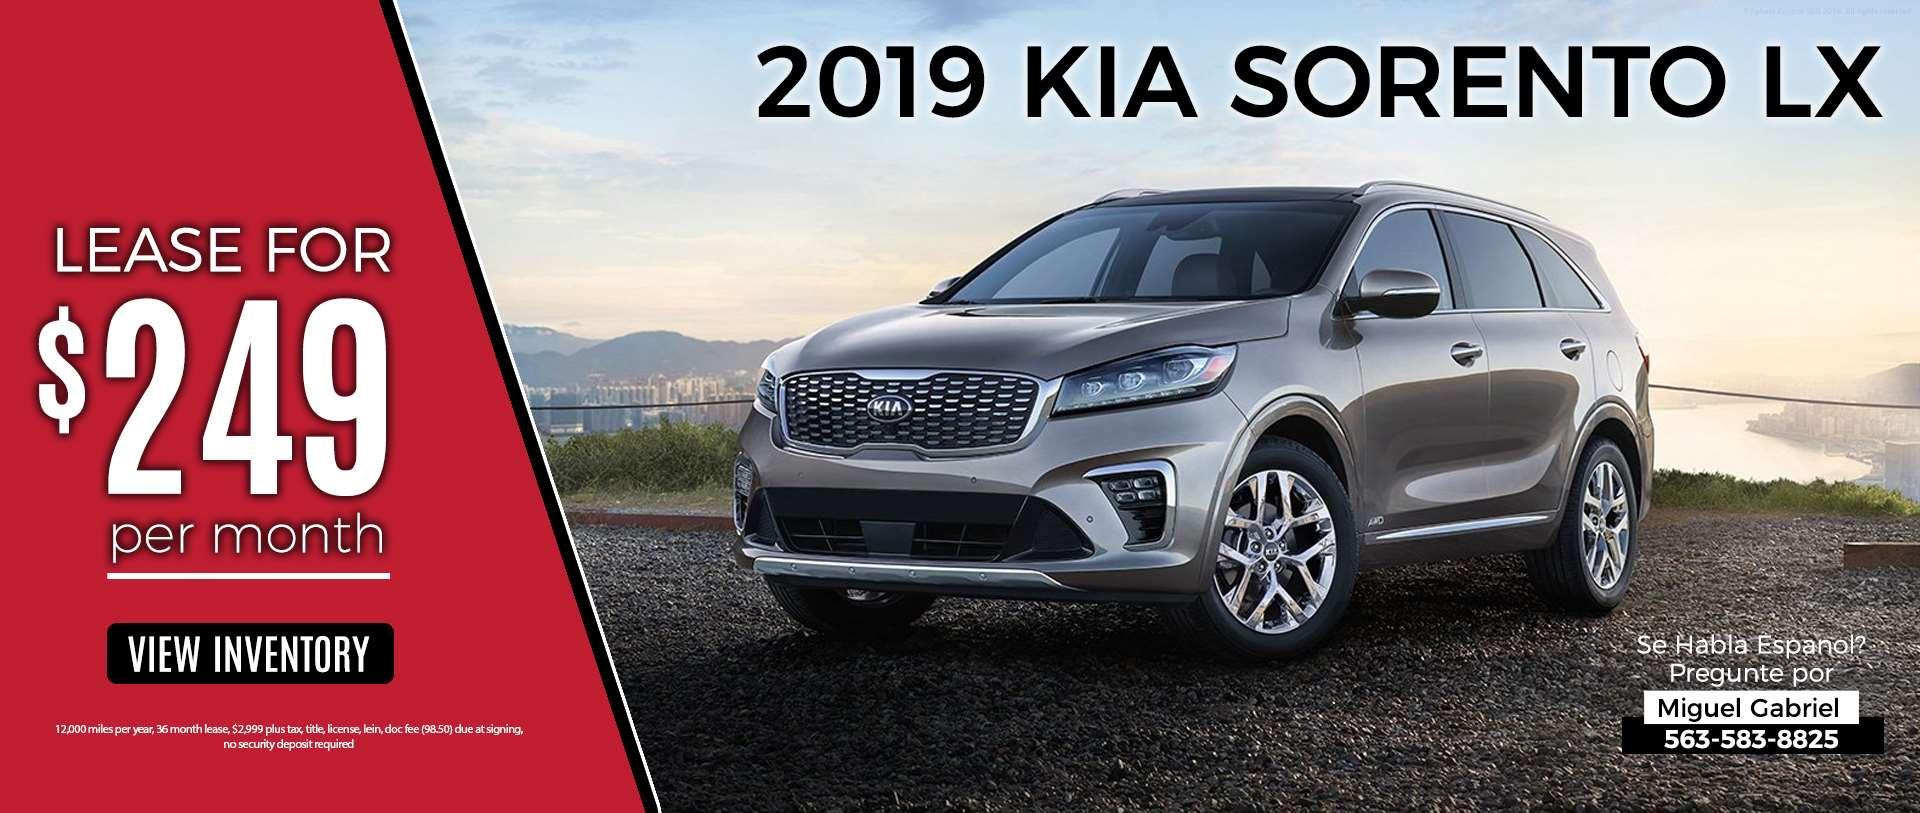 2019 Kia Sorento Lease Special Finnin KIA